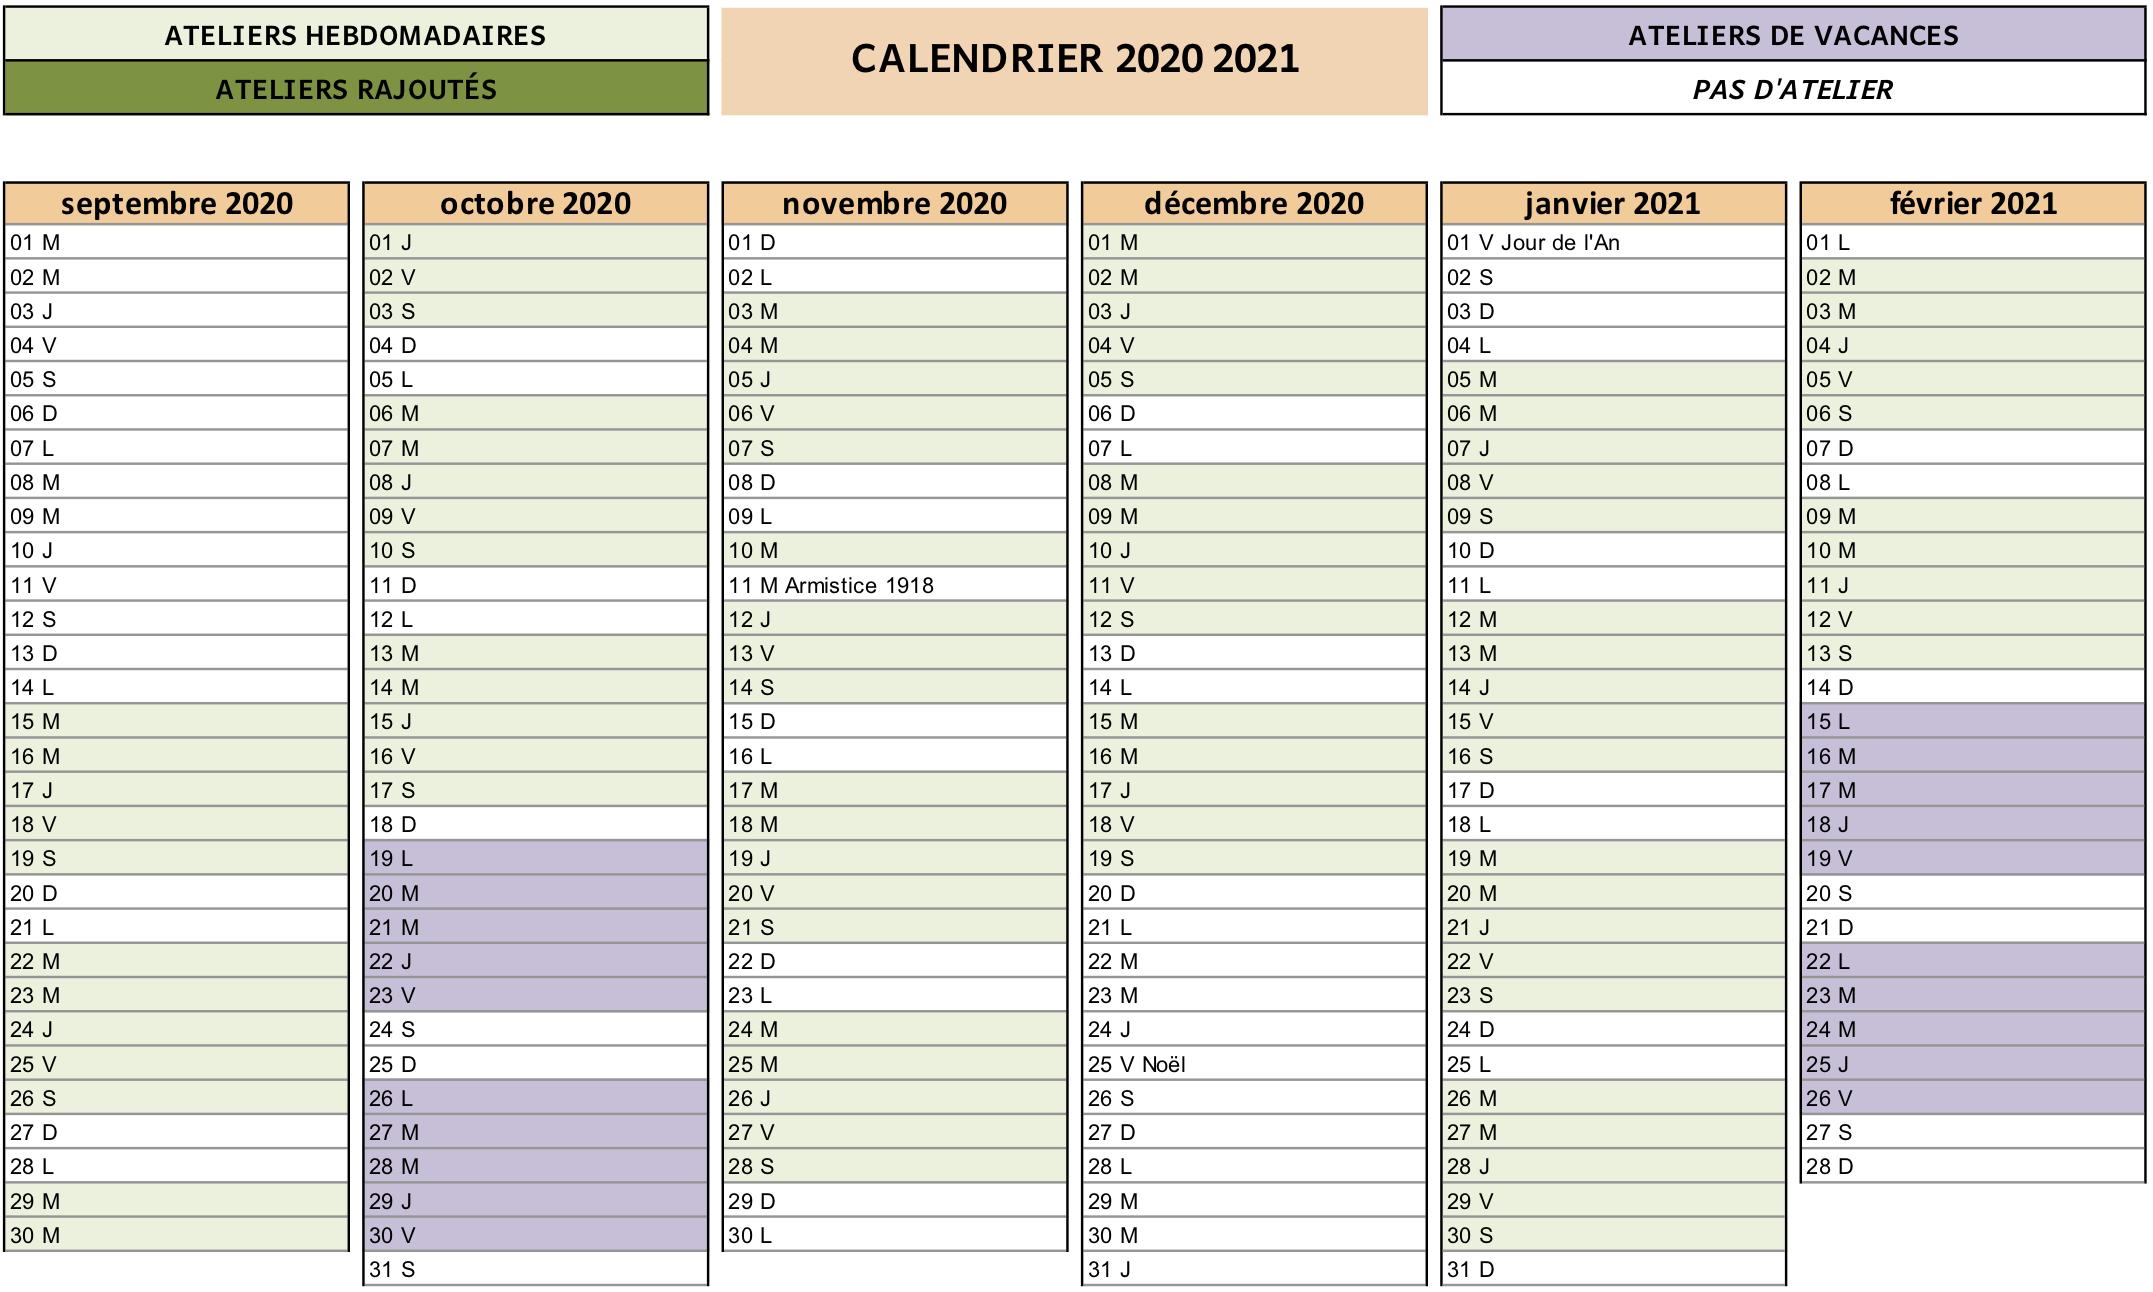 Calendrier Cdm 2021 CdM calendrier 20120 2021 Anew   Cour des marguerites